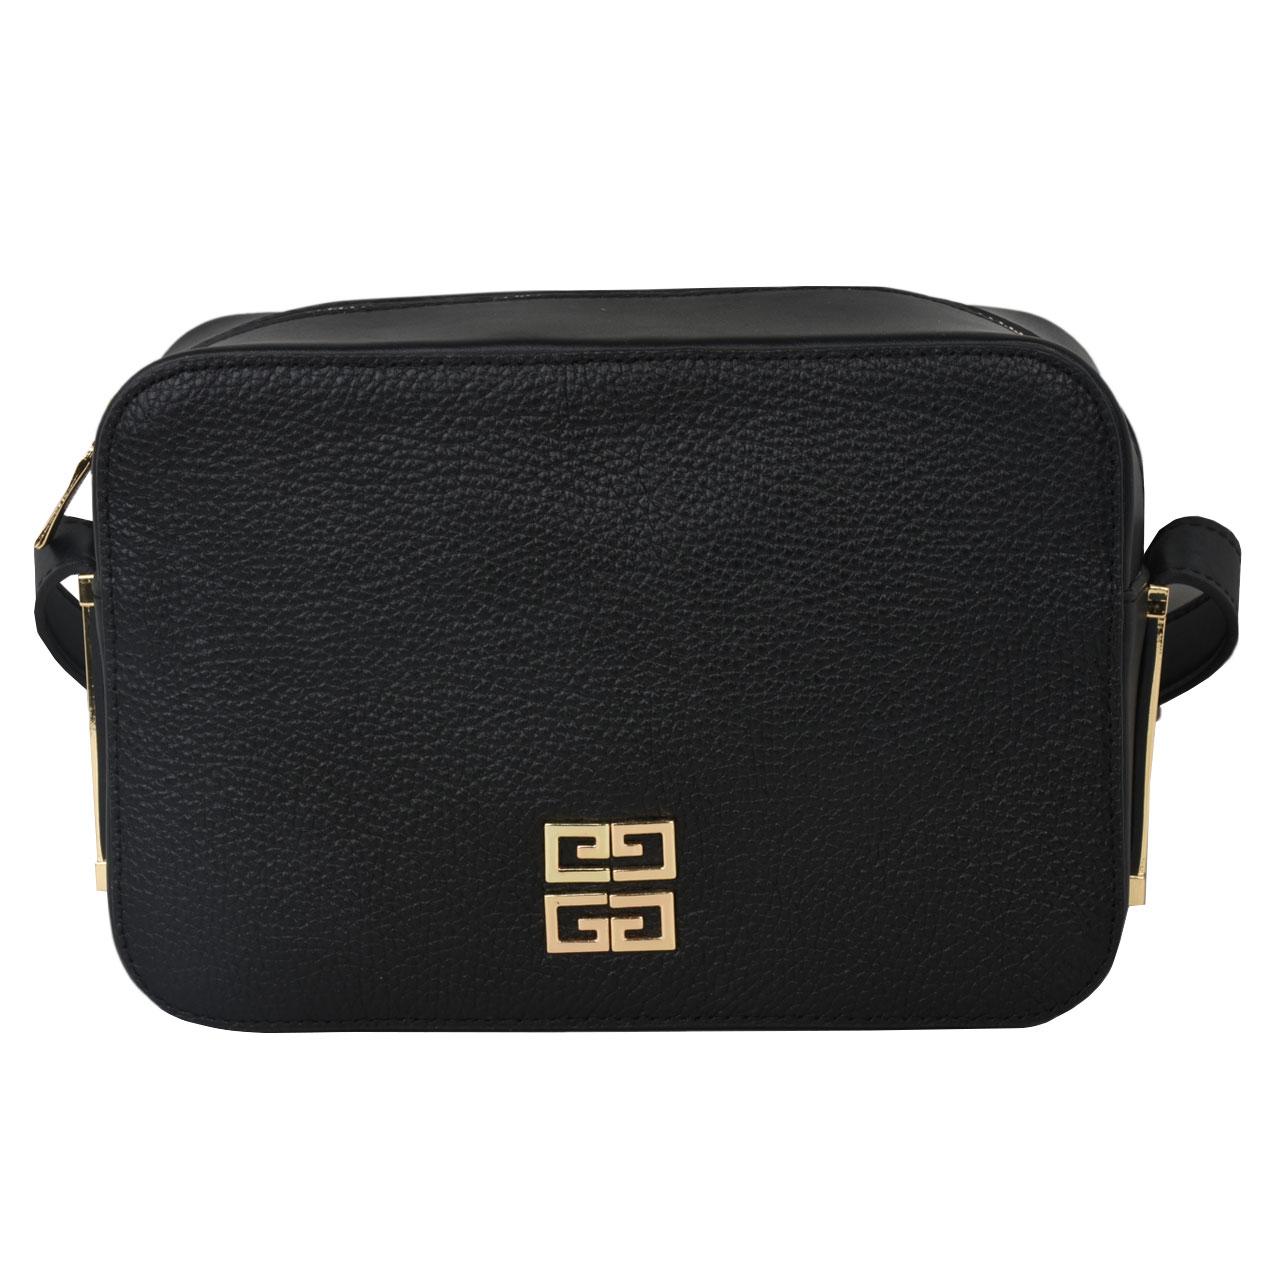 کیف دوشی زنانه پارینه مدل PLV178-1546